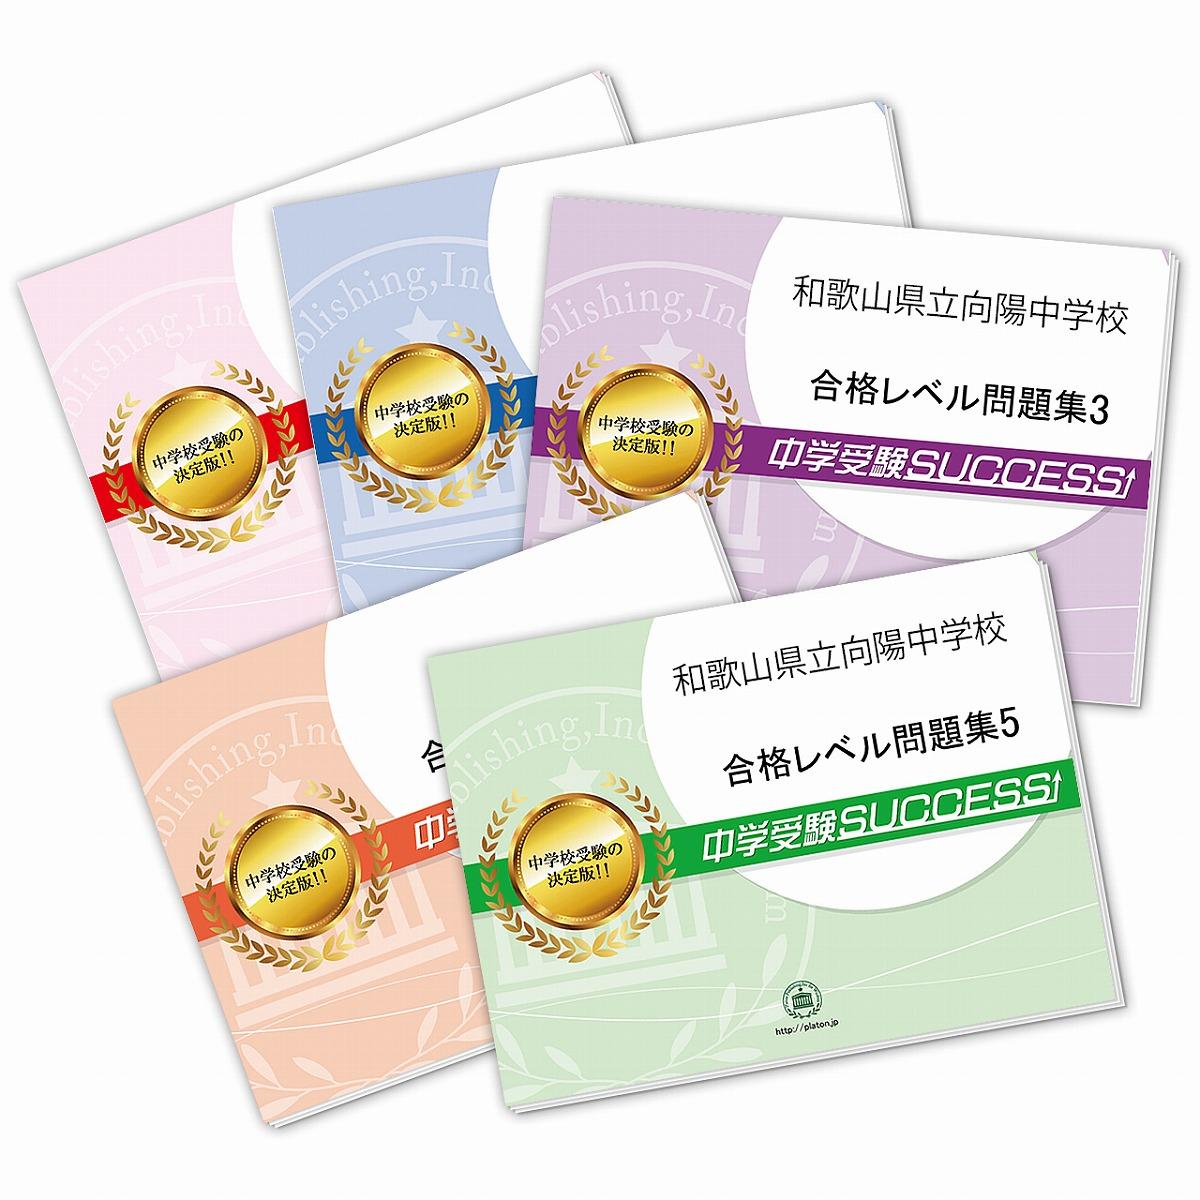 【送料・代引手数料無料】和歌山県立向陽中学校・直前対策合格セット(5冊)